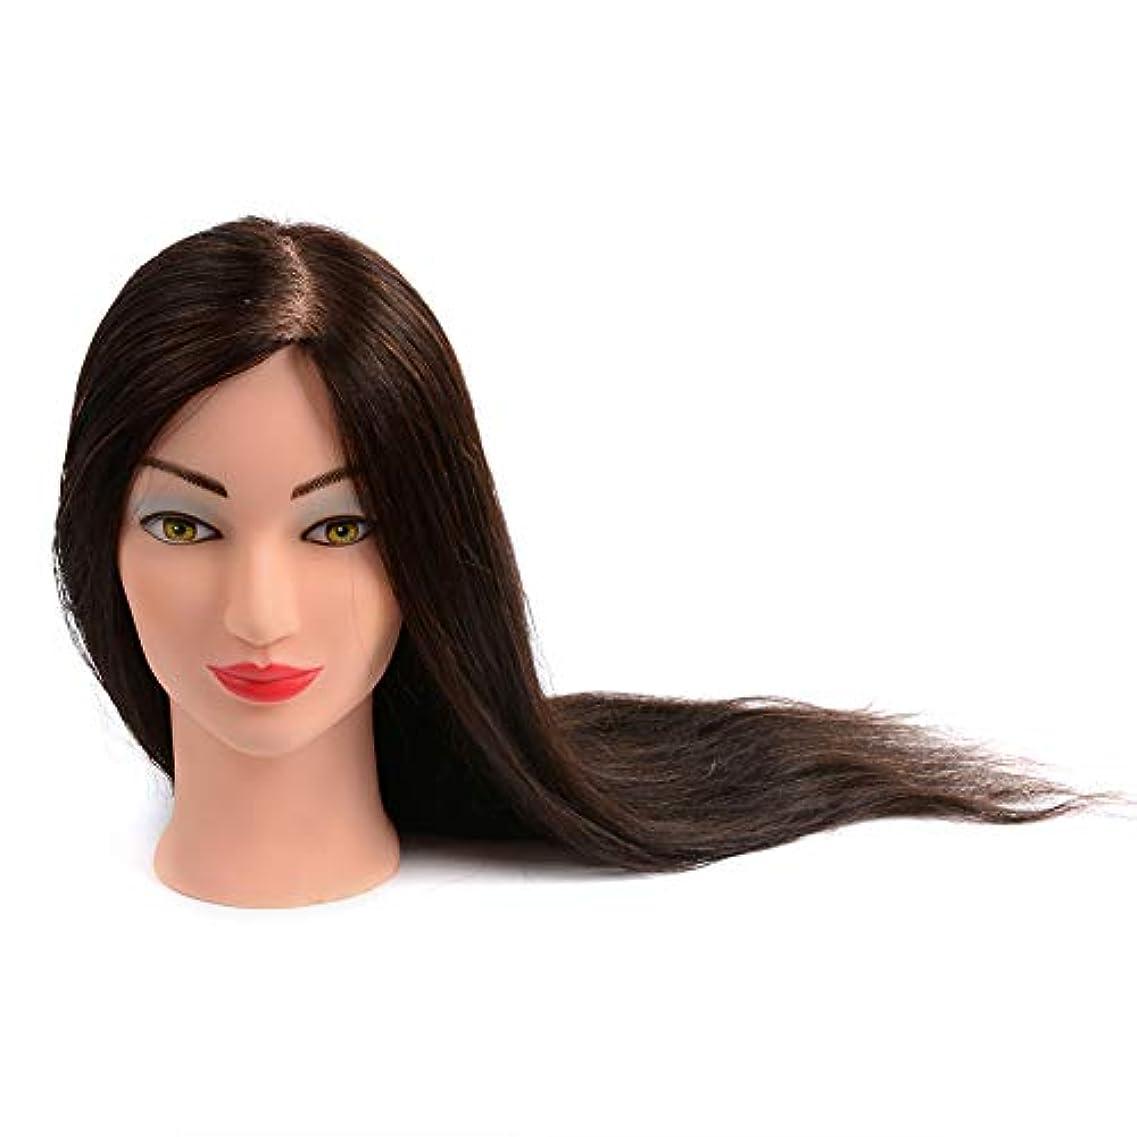 安らぎ可愛い採用するサロン散髪学習ダミーヘッドブライダルメイクスタイリングプラクティスモデルの髪を染めることができ、漂白ティーチングヘッド